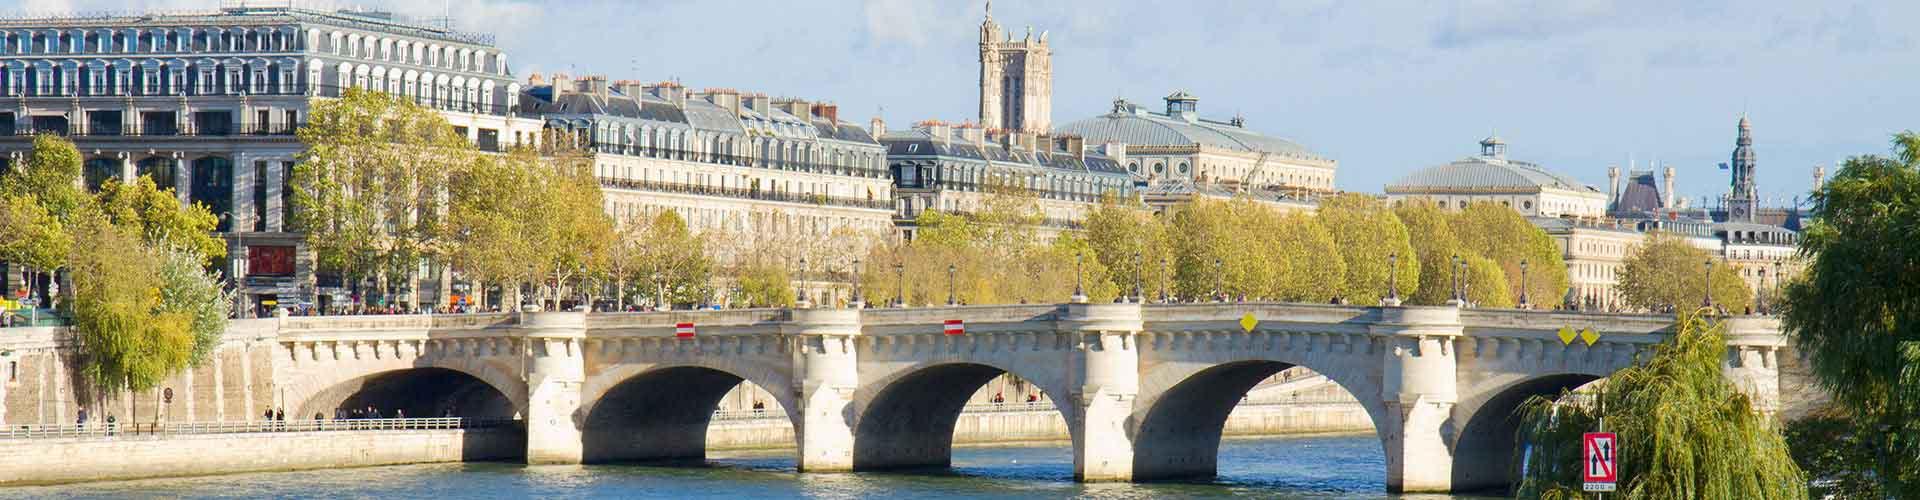 파리 - 퐁네프에 가까운 호스텔. 파리의 지도, 파리에 위치한 호스텔에 대한 사진 및 리뷰.